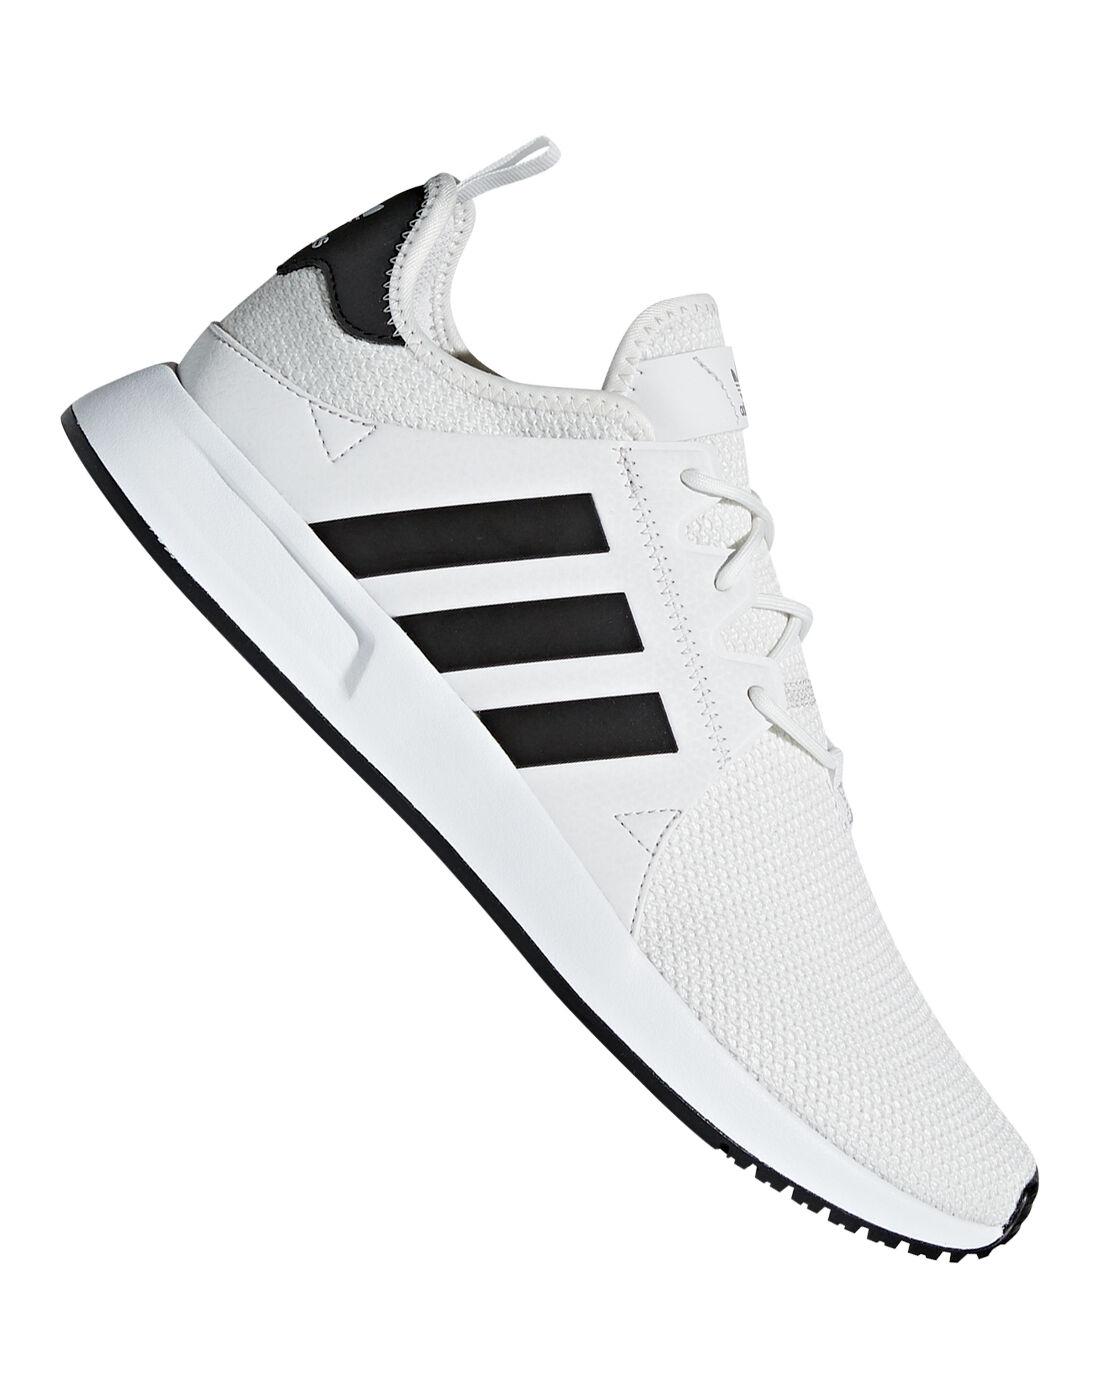 adidas originali mens x a infrarossi bianco di stile di vita, sport